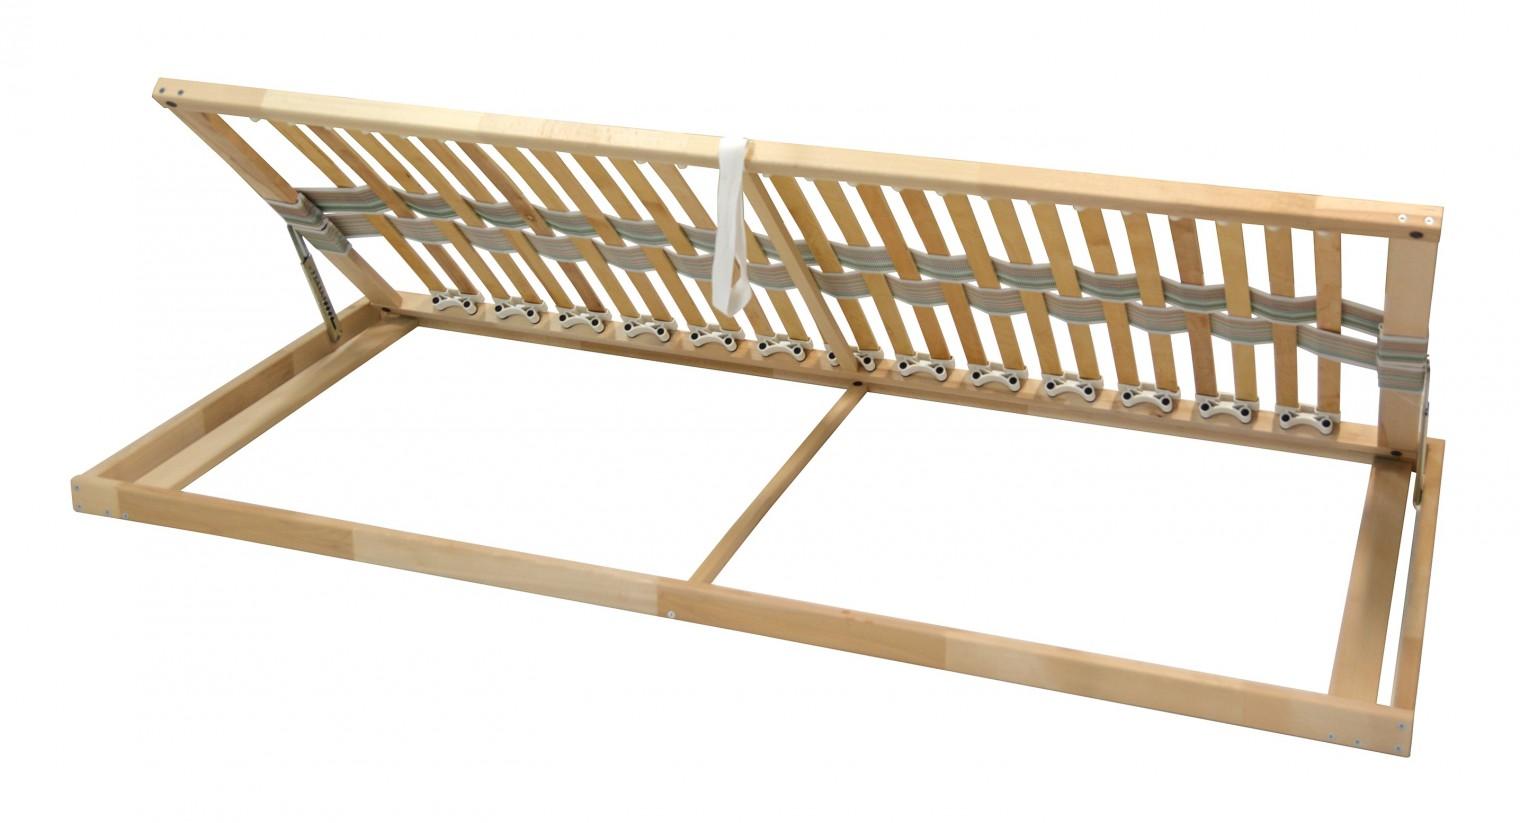 Nepolohovací rošt Rošt Double klasik - 80x200 cm, výklopný do boku